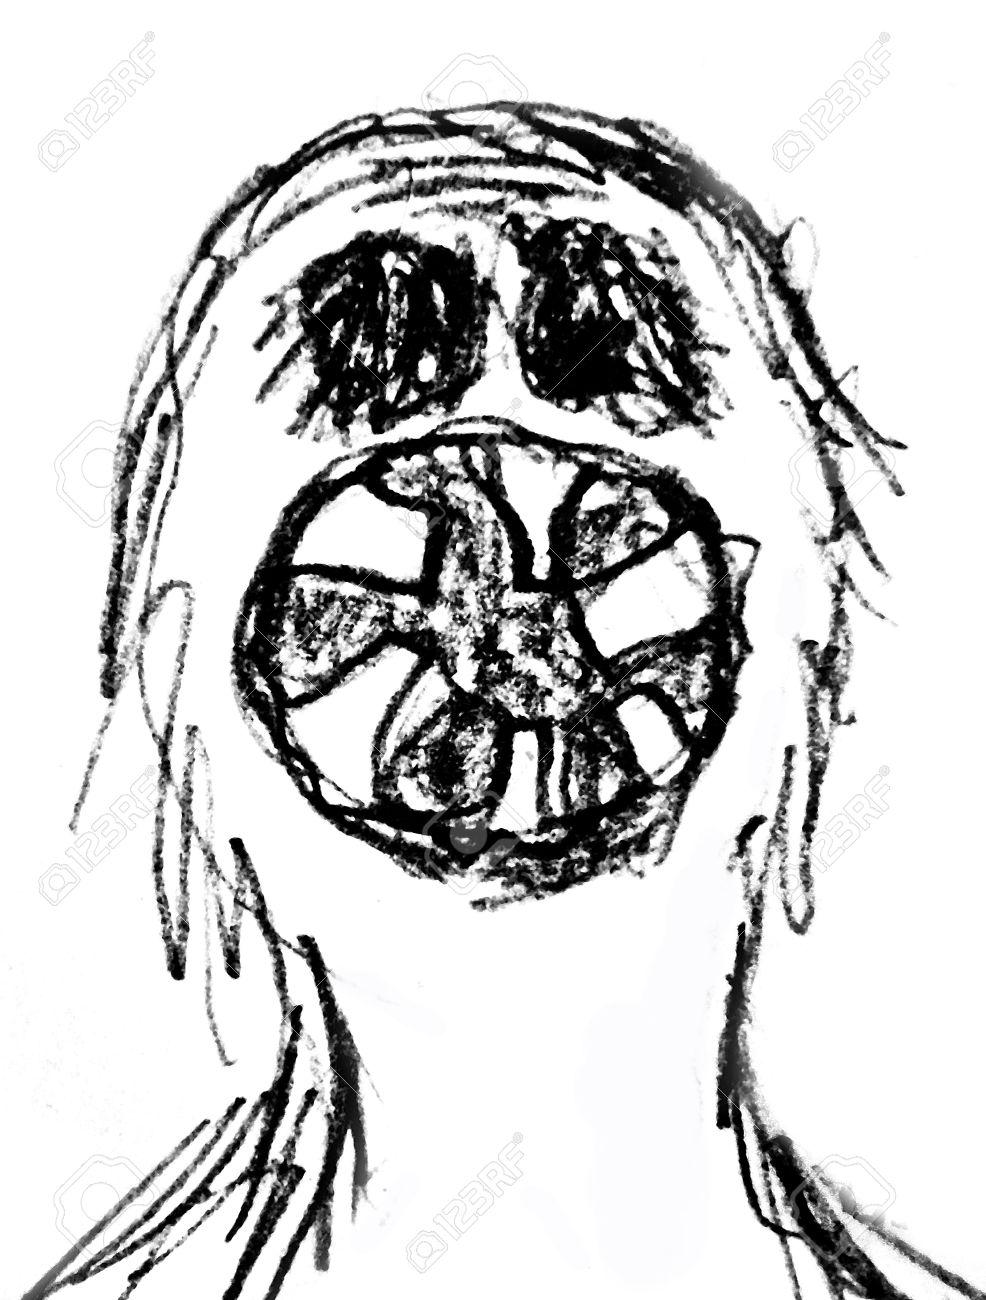 Lápiz De Dibujo Ilustración De La Trama De Un Monstruo Con La Boca